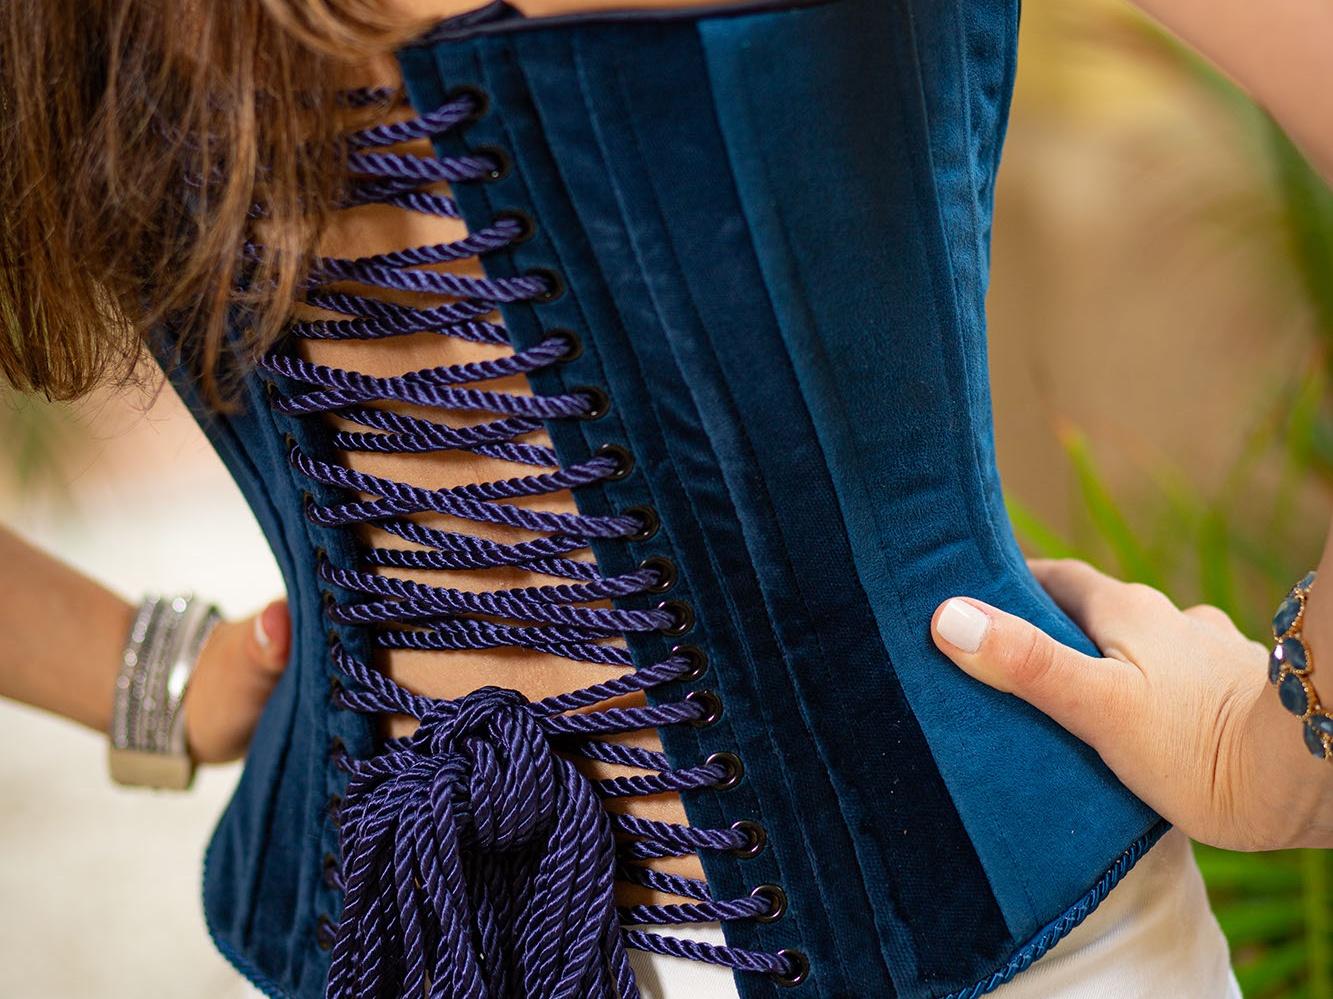 Stella in blue corset